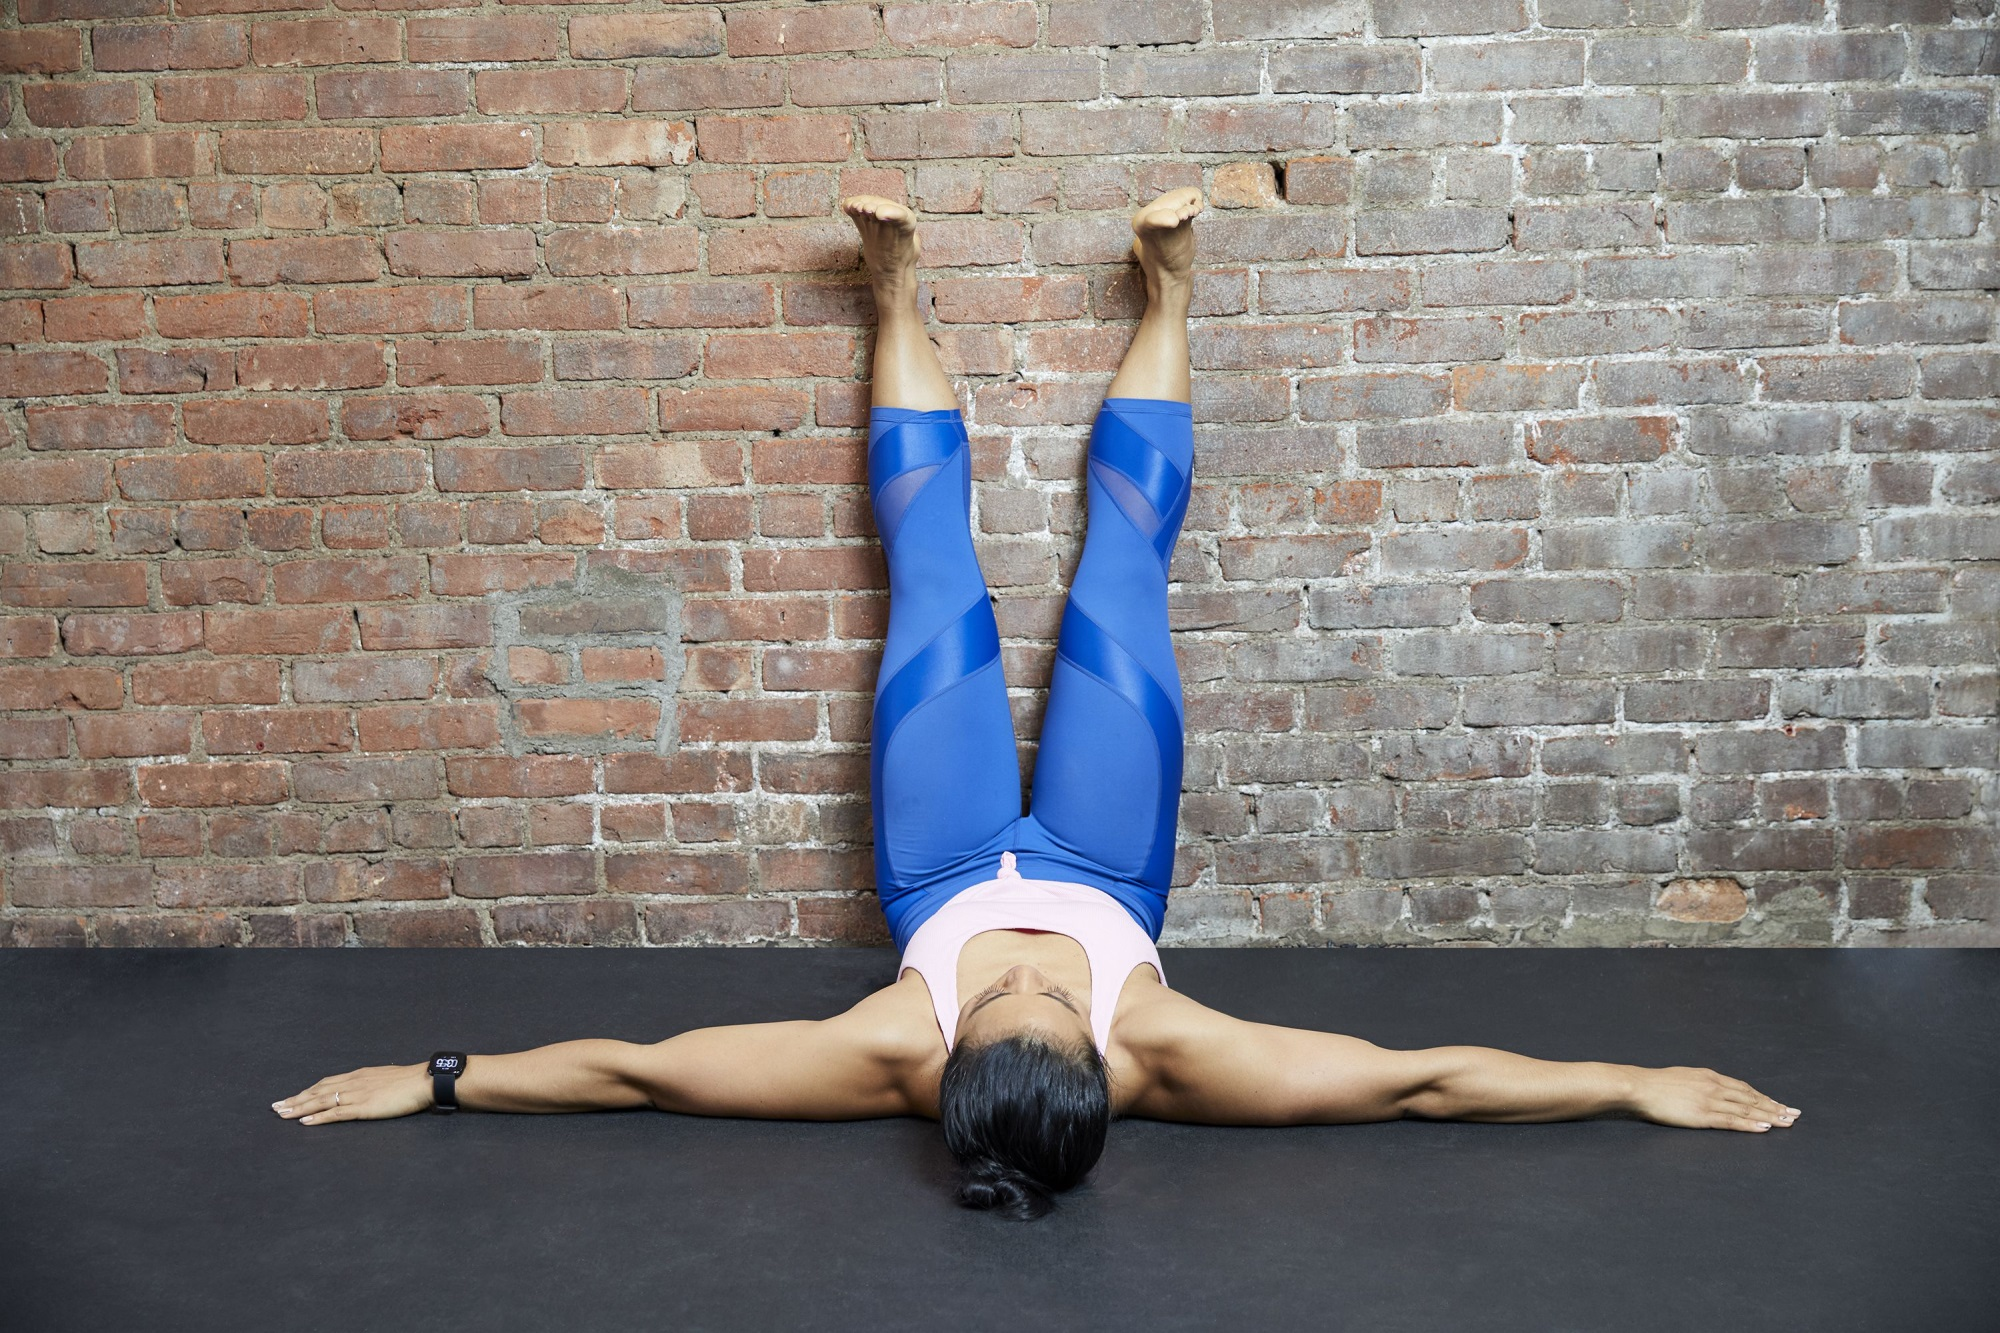 5 tác dụng bất ngờ của bài tập dựa chân vào tường: Giảm đau, đánh bay mỡ bụng - Ảnh 2